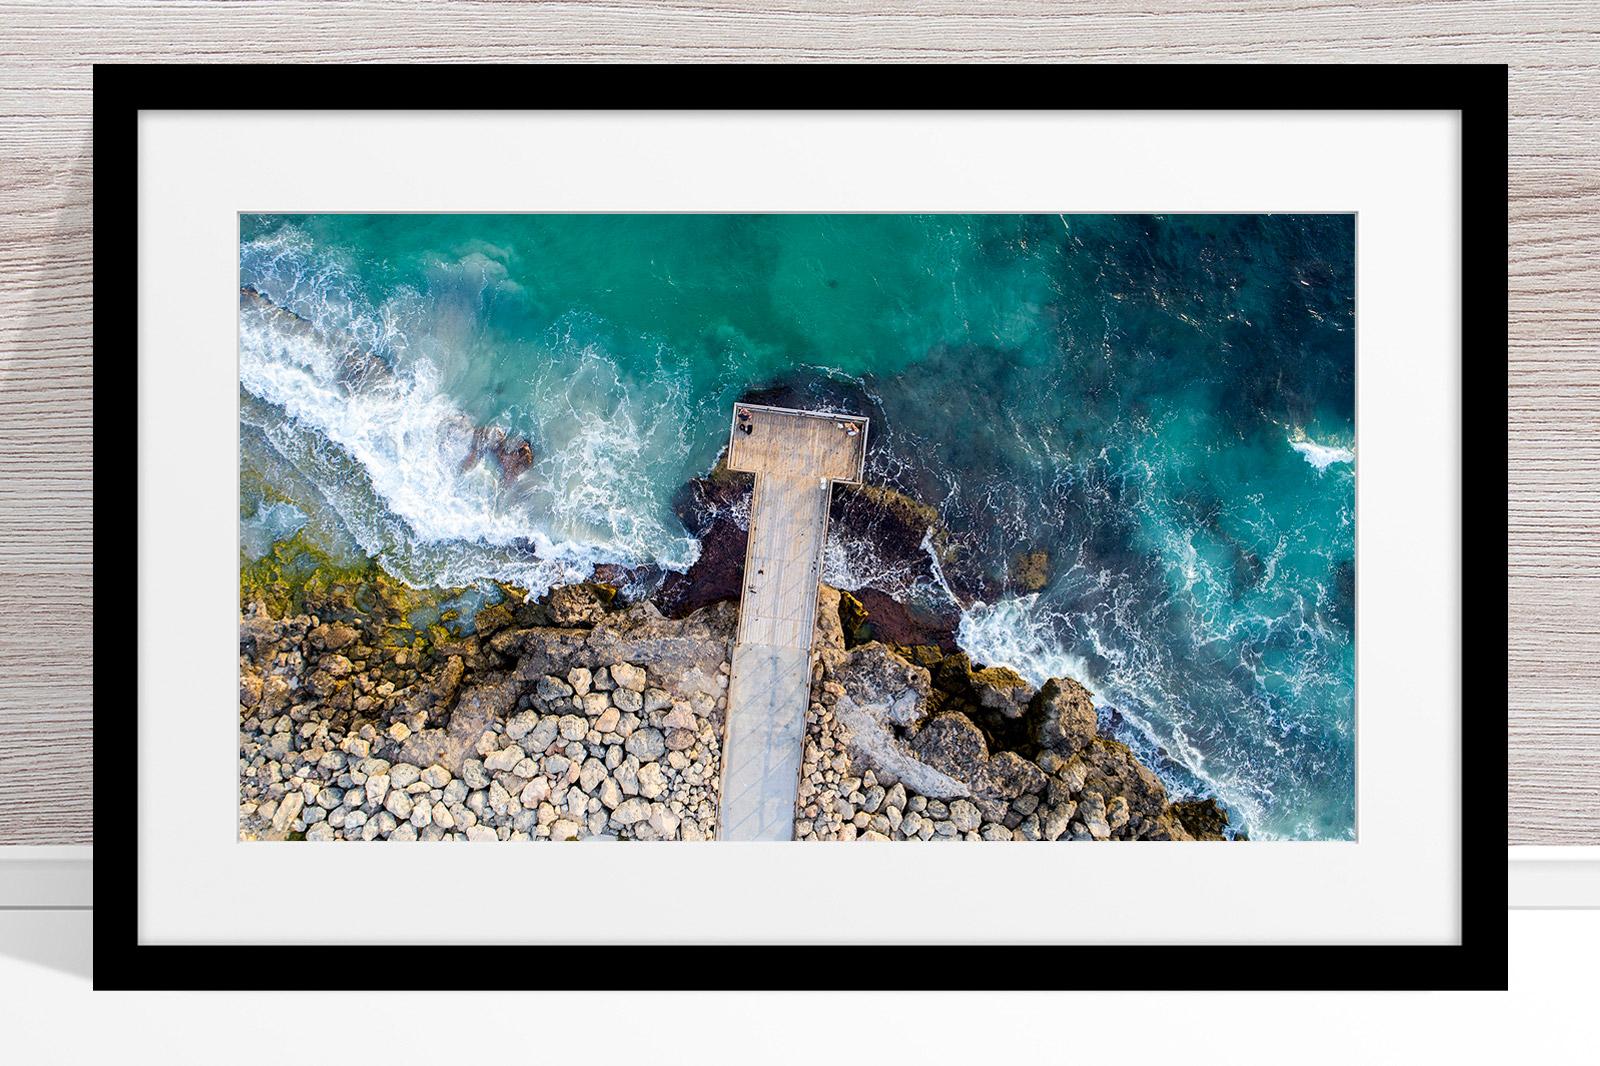 057 - Jason Mazur - 'North Beach Jetty' Black Frame